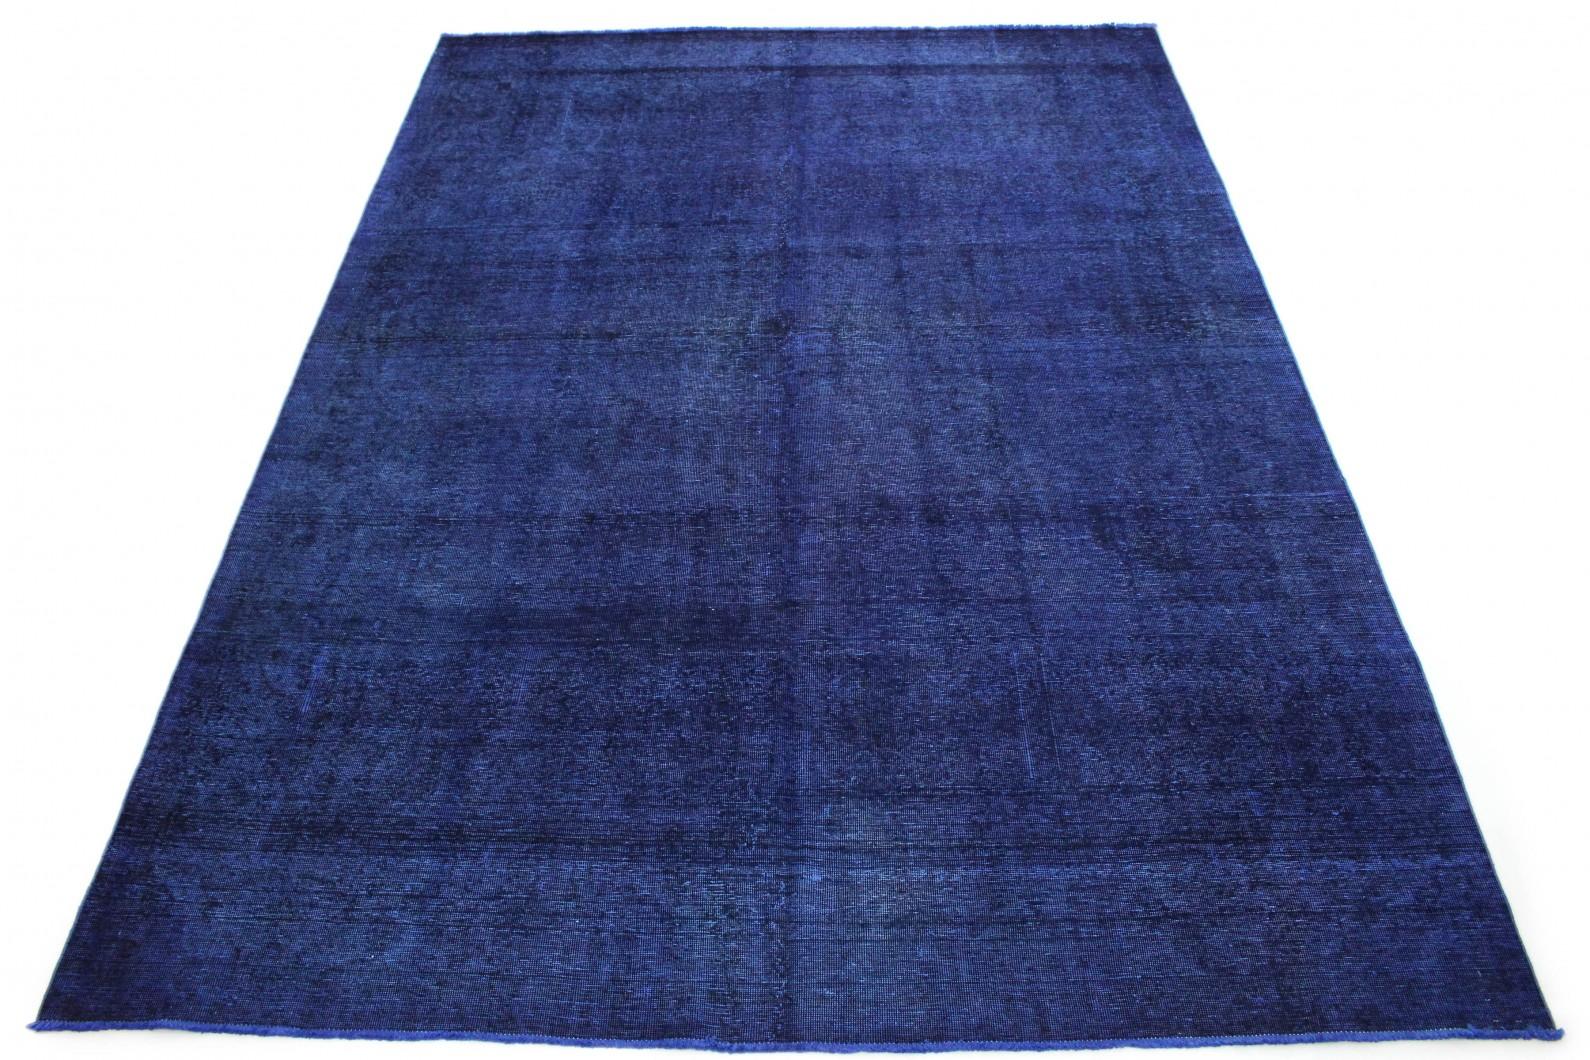 Vintage Teppich Blau Lila in 400x290 (1 / 6)